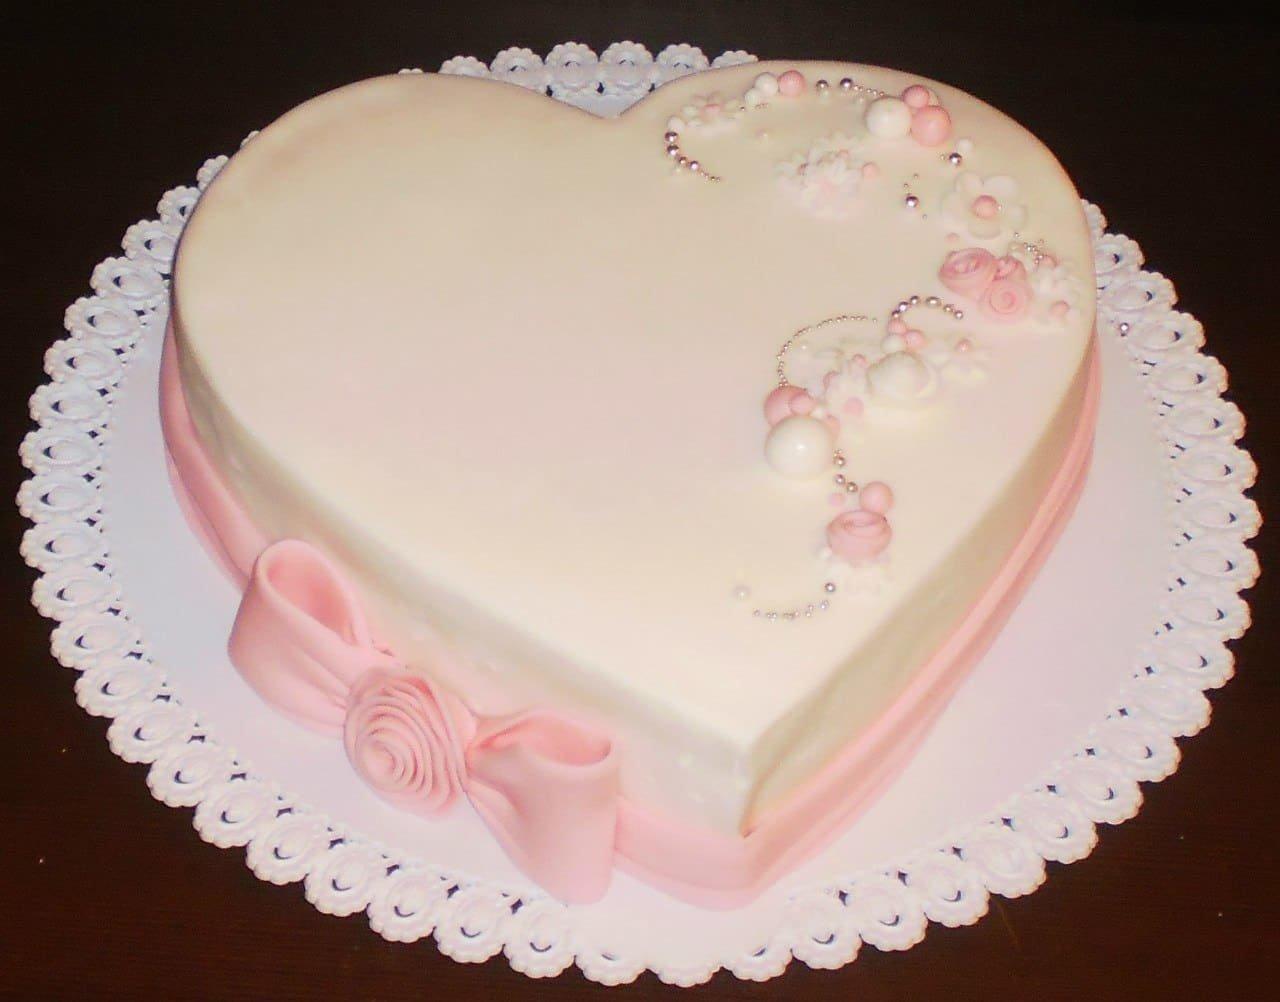 нажмите одноярусные свадебные торты фото самые красивые можете